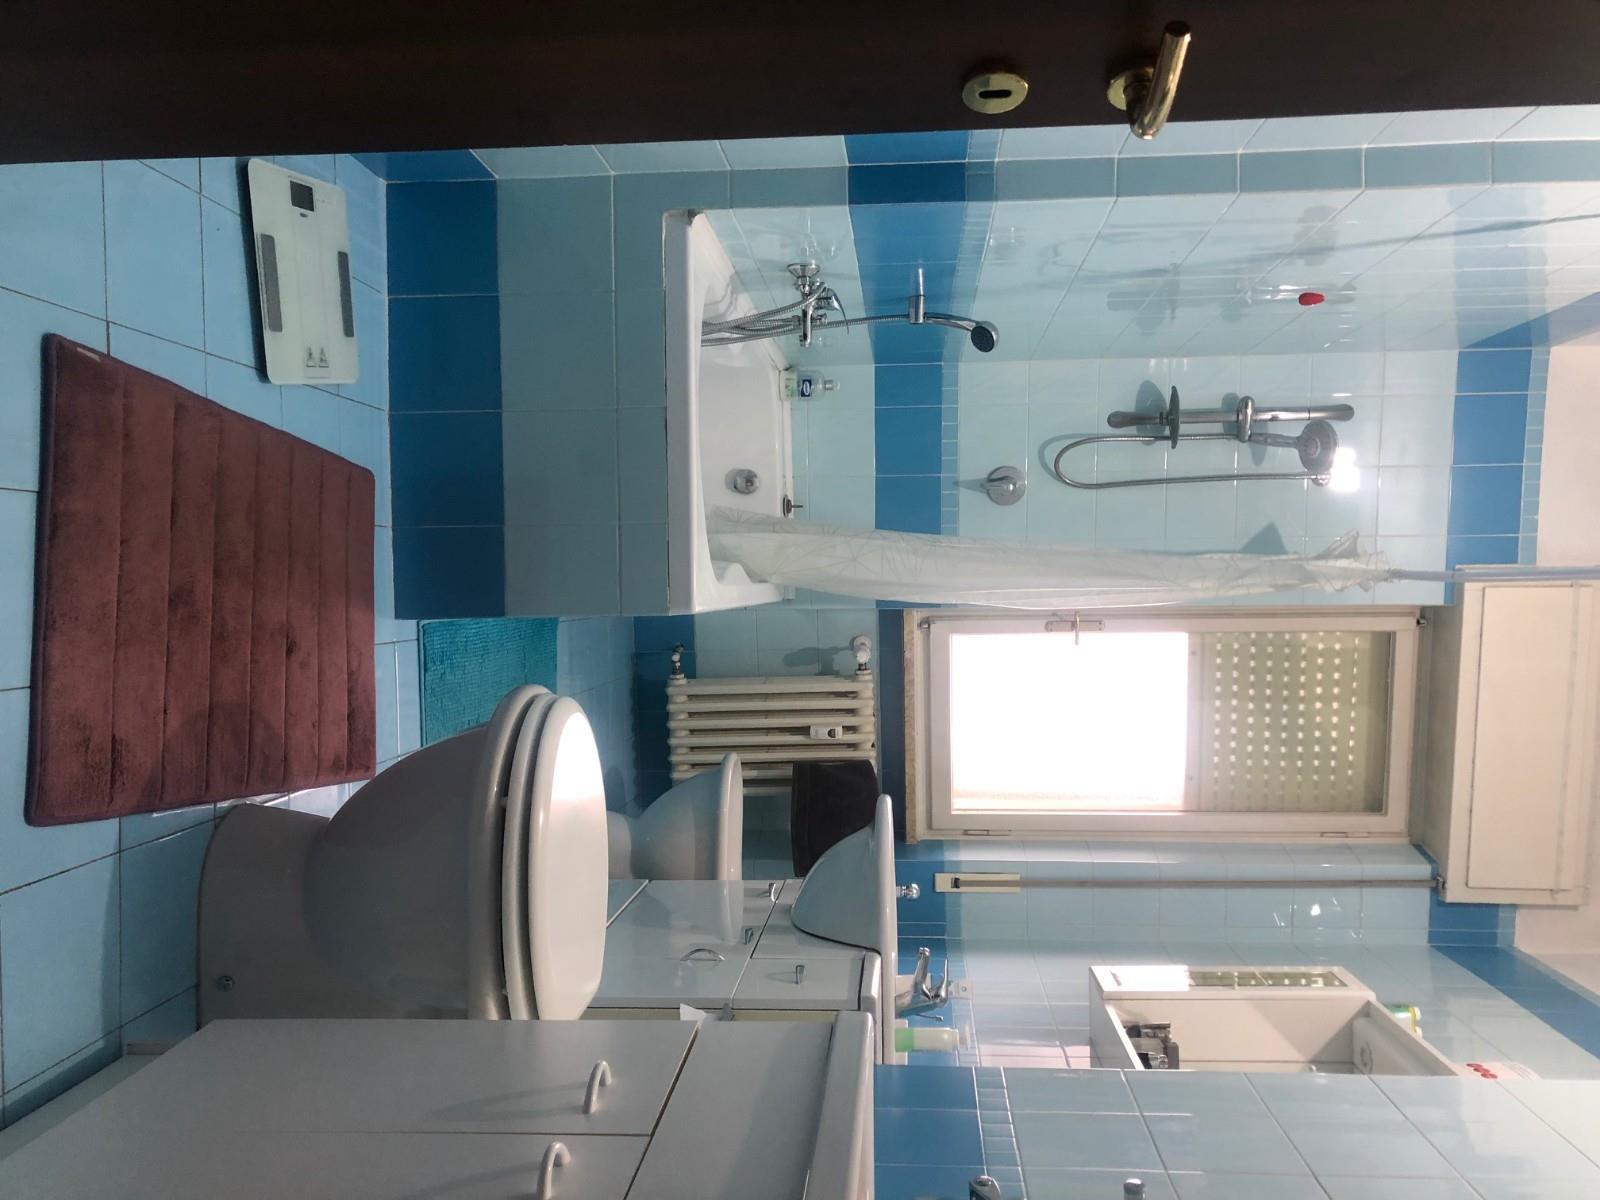 Foto 10 - Appartamento in Vendita - Lissone (Monza e Brianza)